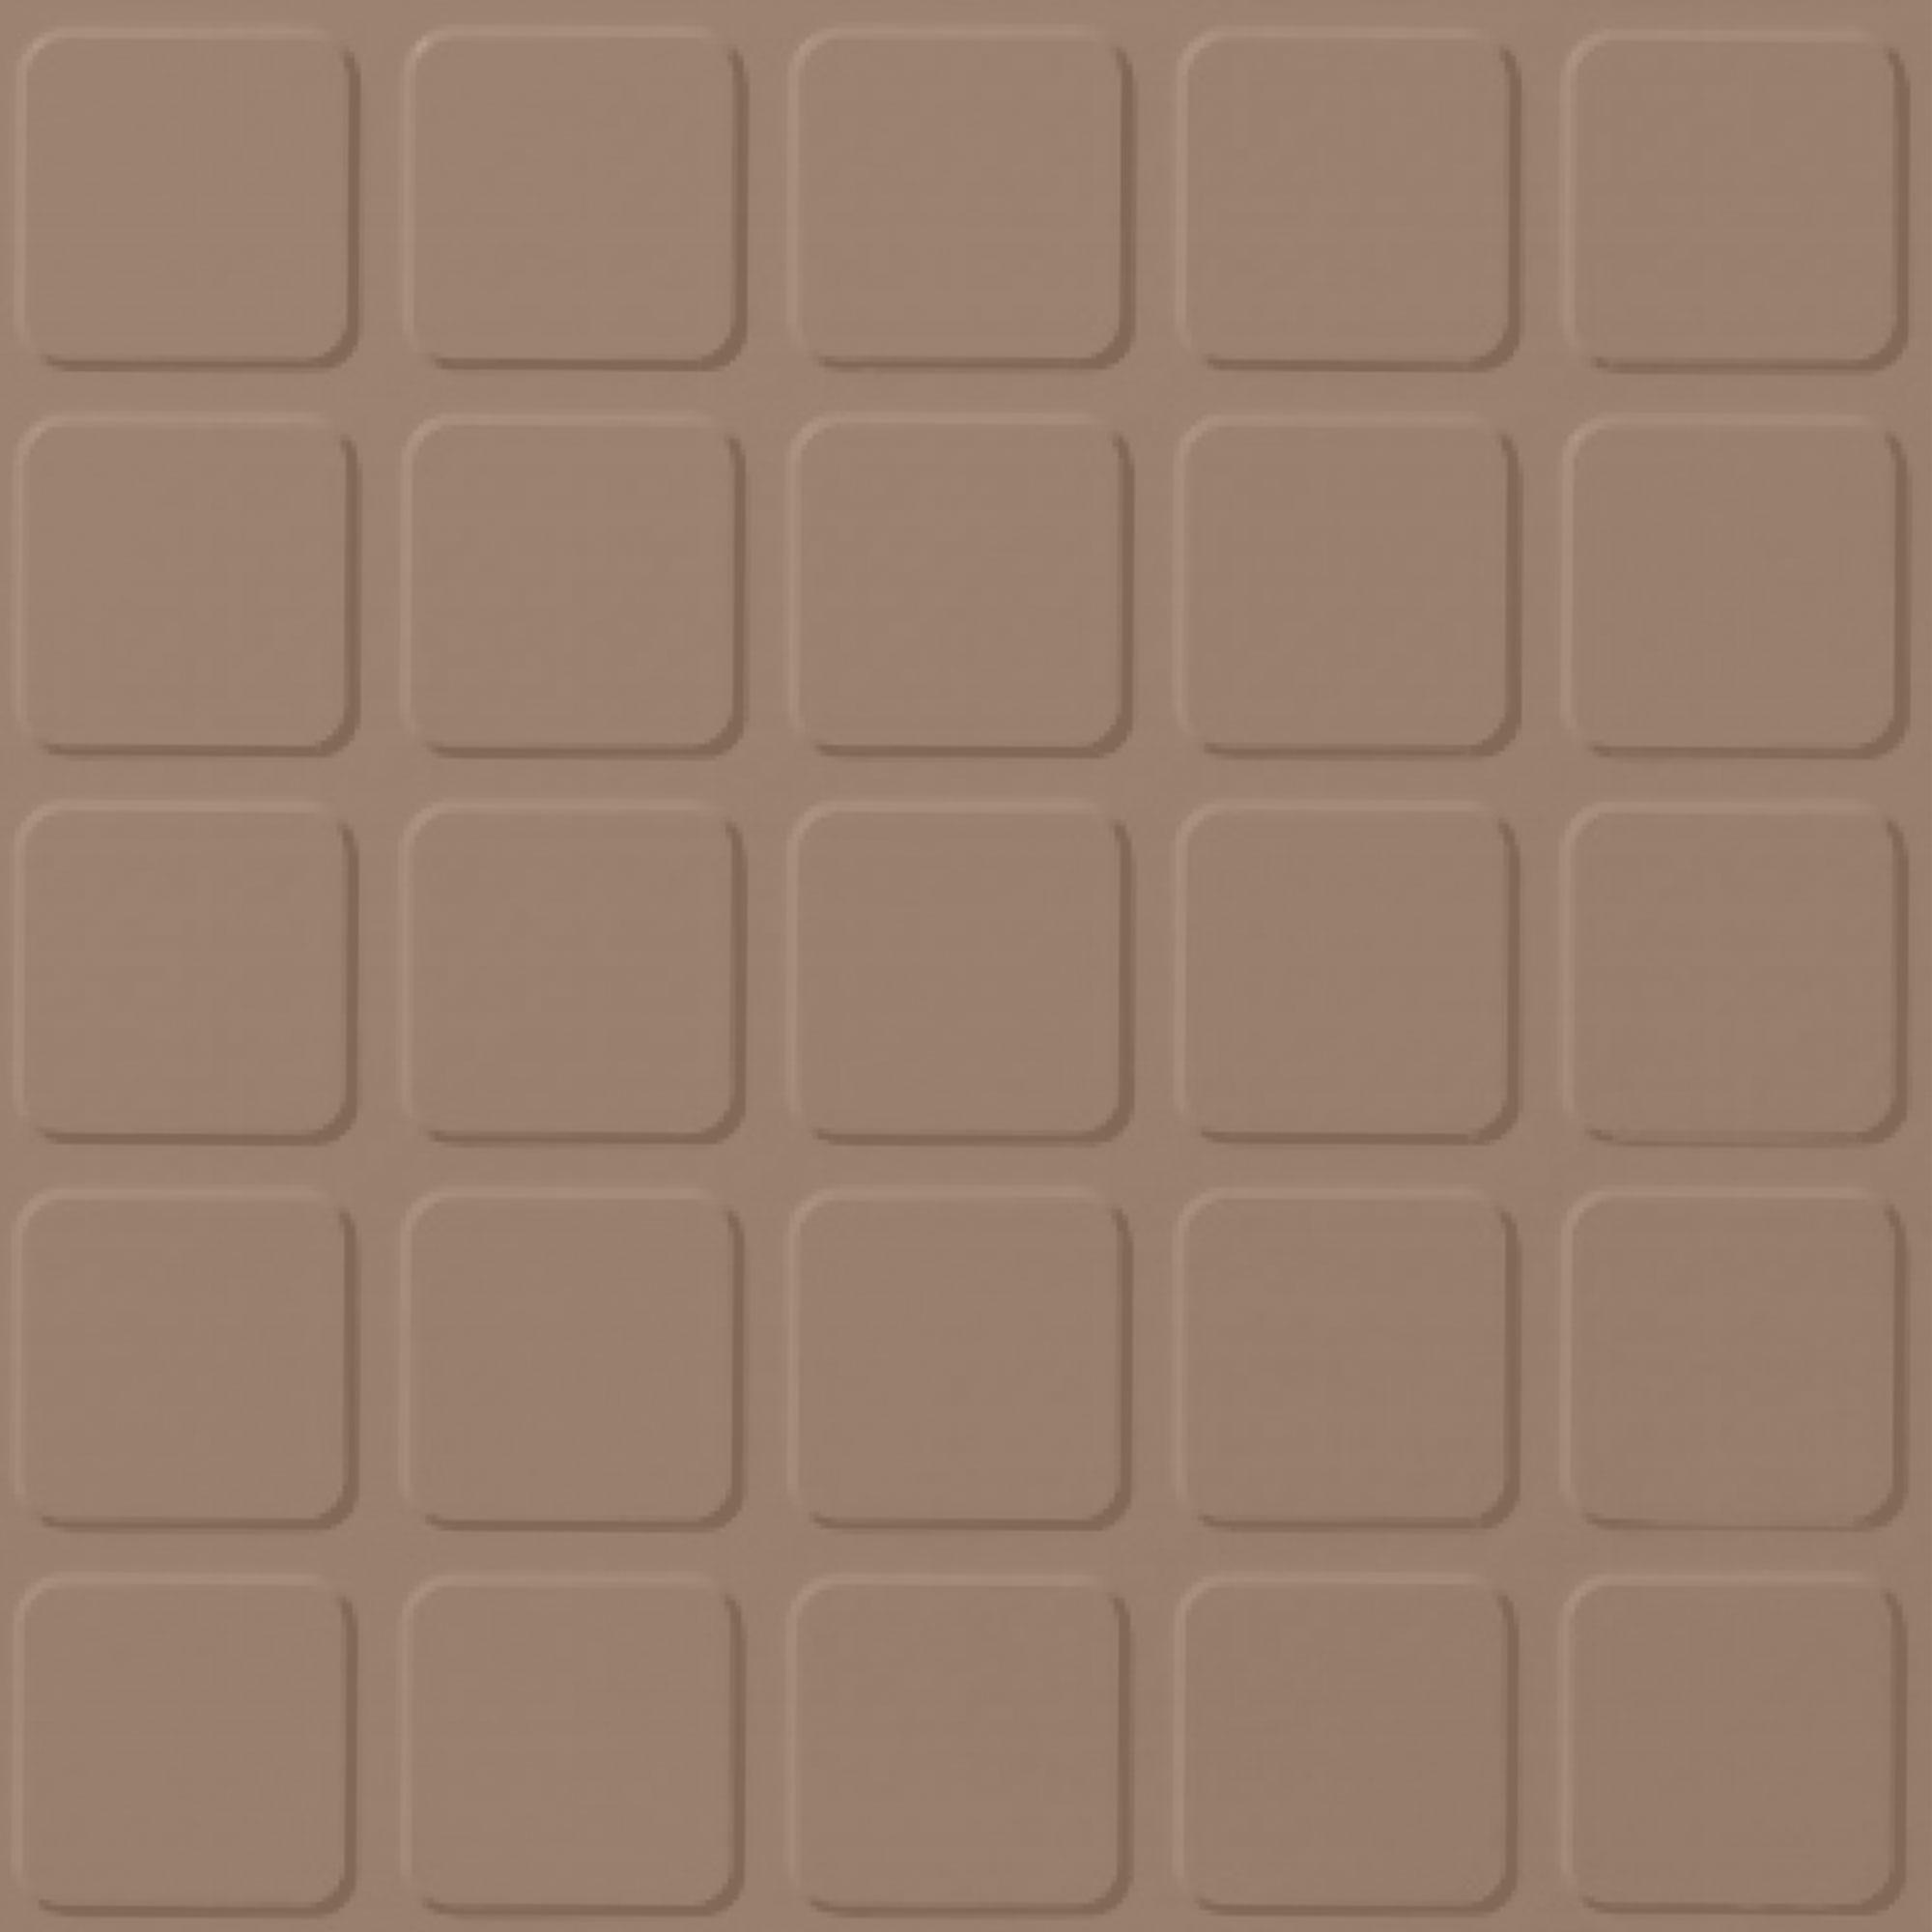 Roppe Rubber Tile 900 - Raised Square Design (994) Buckskin Rubber Flooring